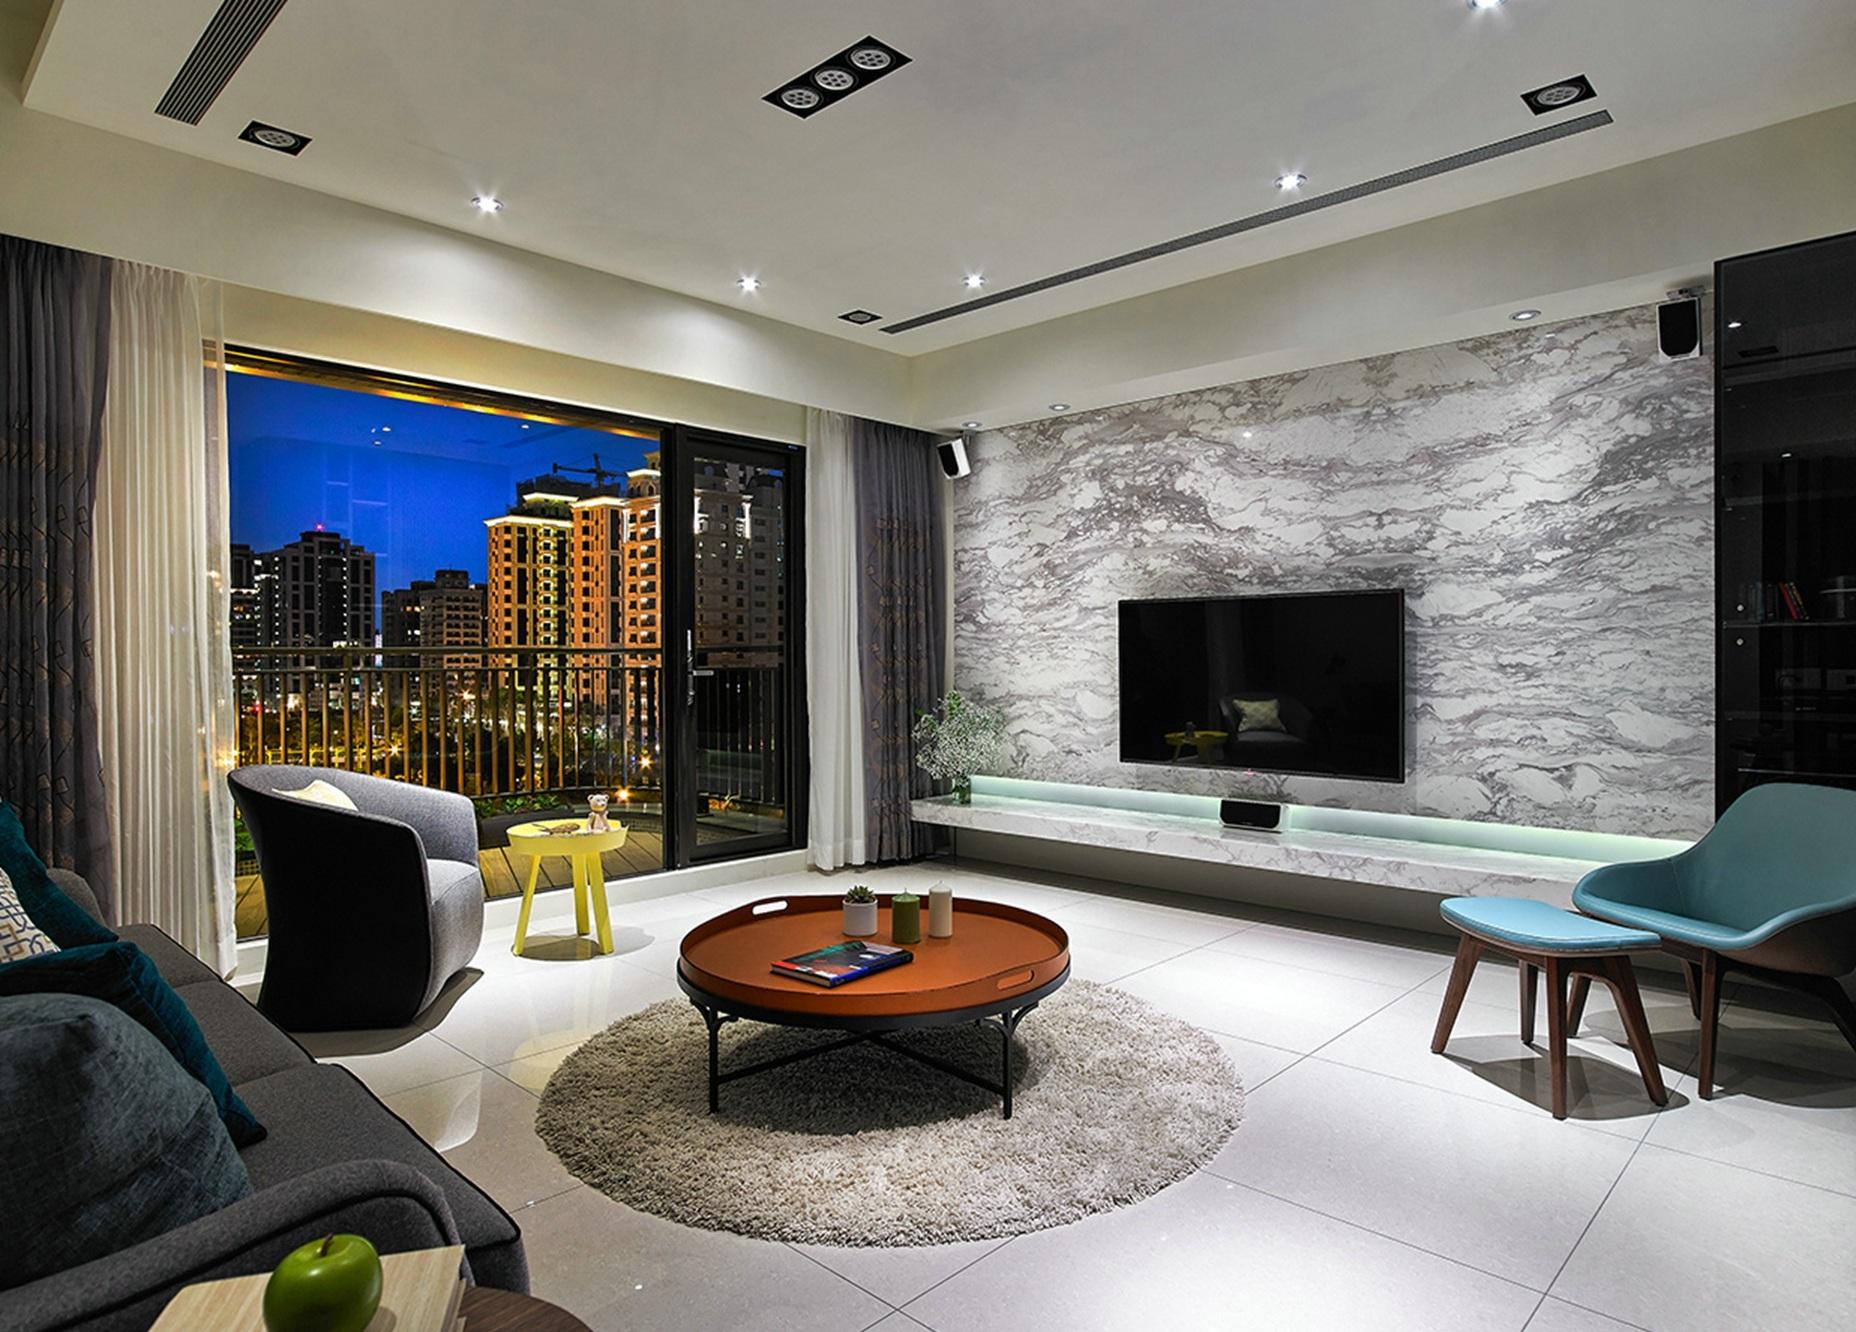 80后 小资 二居 客厅图片来自高度国际姚吉智在138平米后现代黑白灰